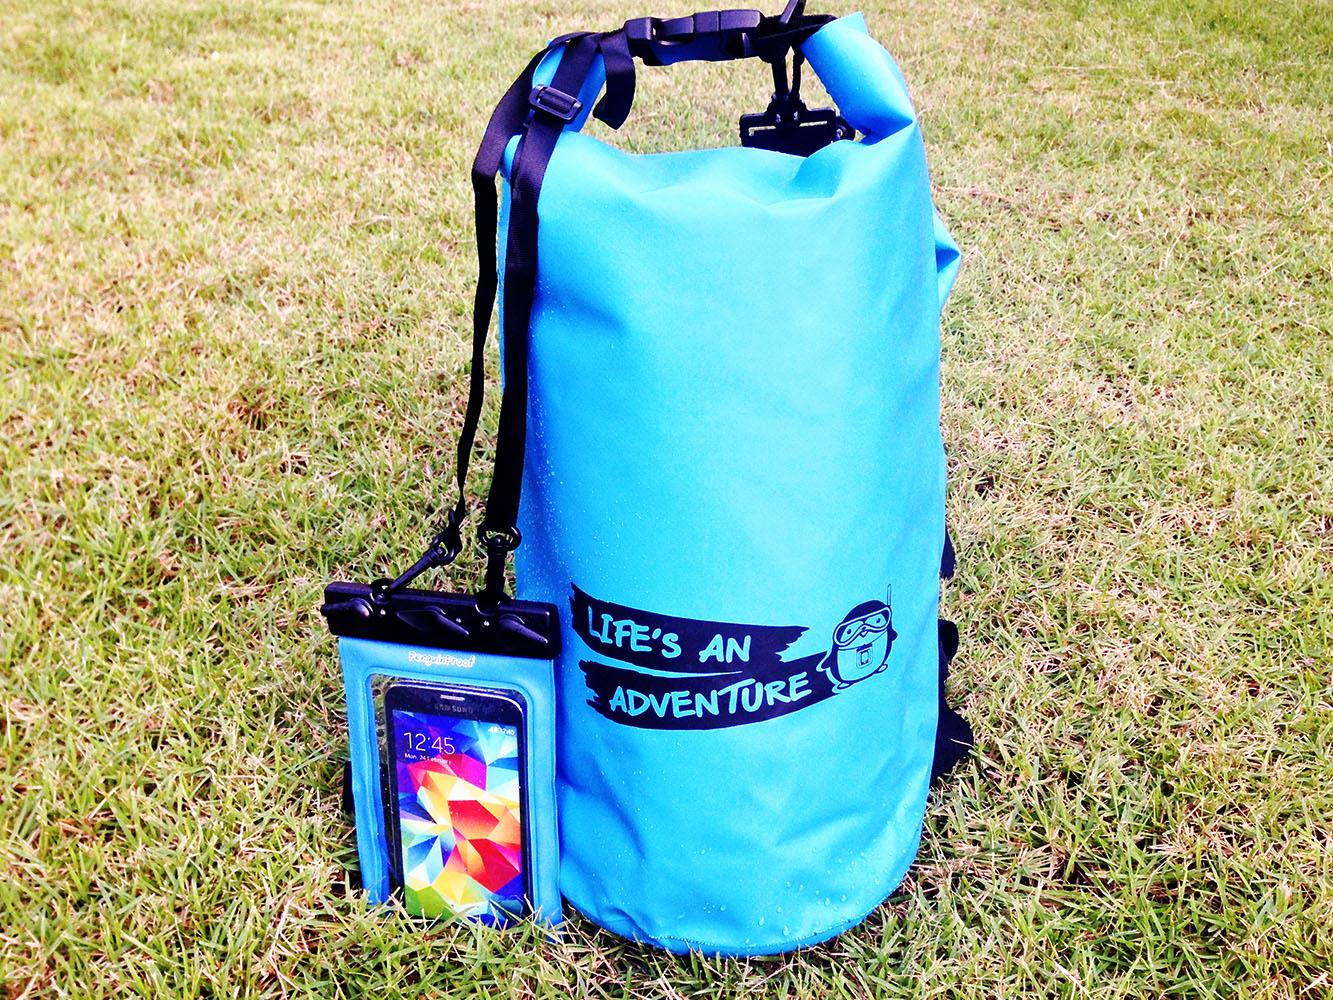 ชุด Set ซองกันน้ำมือถือใหญ่ (5.5 นิ้ว) สีฟ้า + กระเป๋ากันน้ำ Penguin Bag ขนาด 10 ลิตร